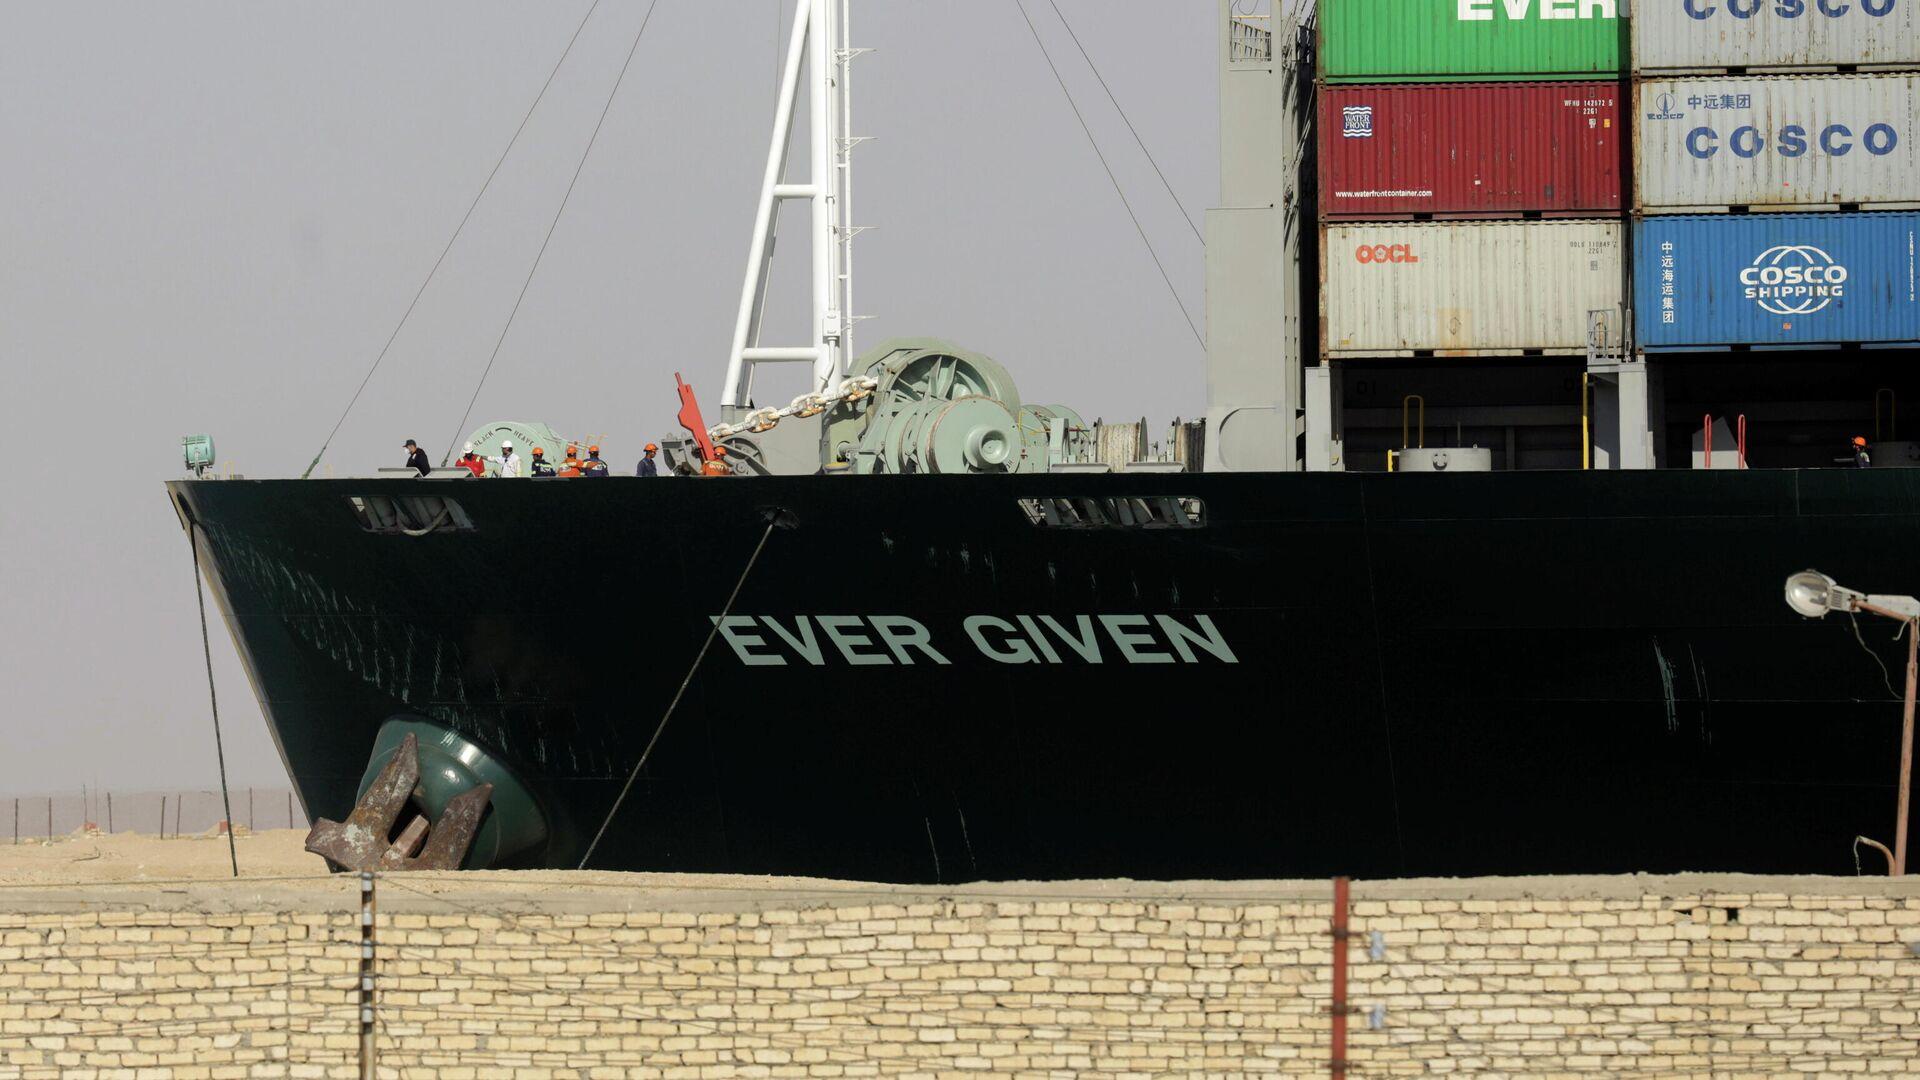 El buque de carga Ever Given, encallado en el canal de Suez - Sputnik Mundo, 1920, 29.03.2021